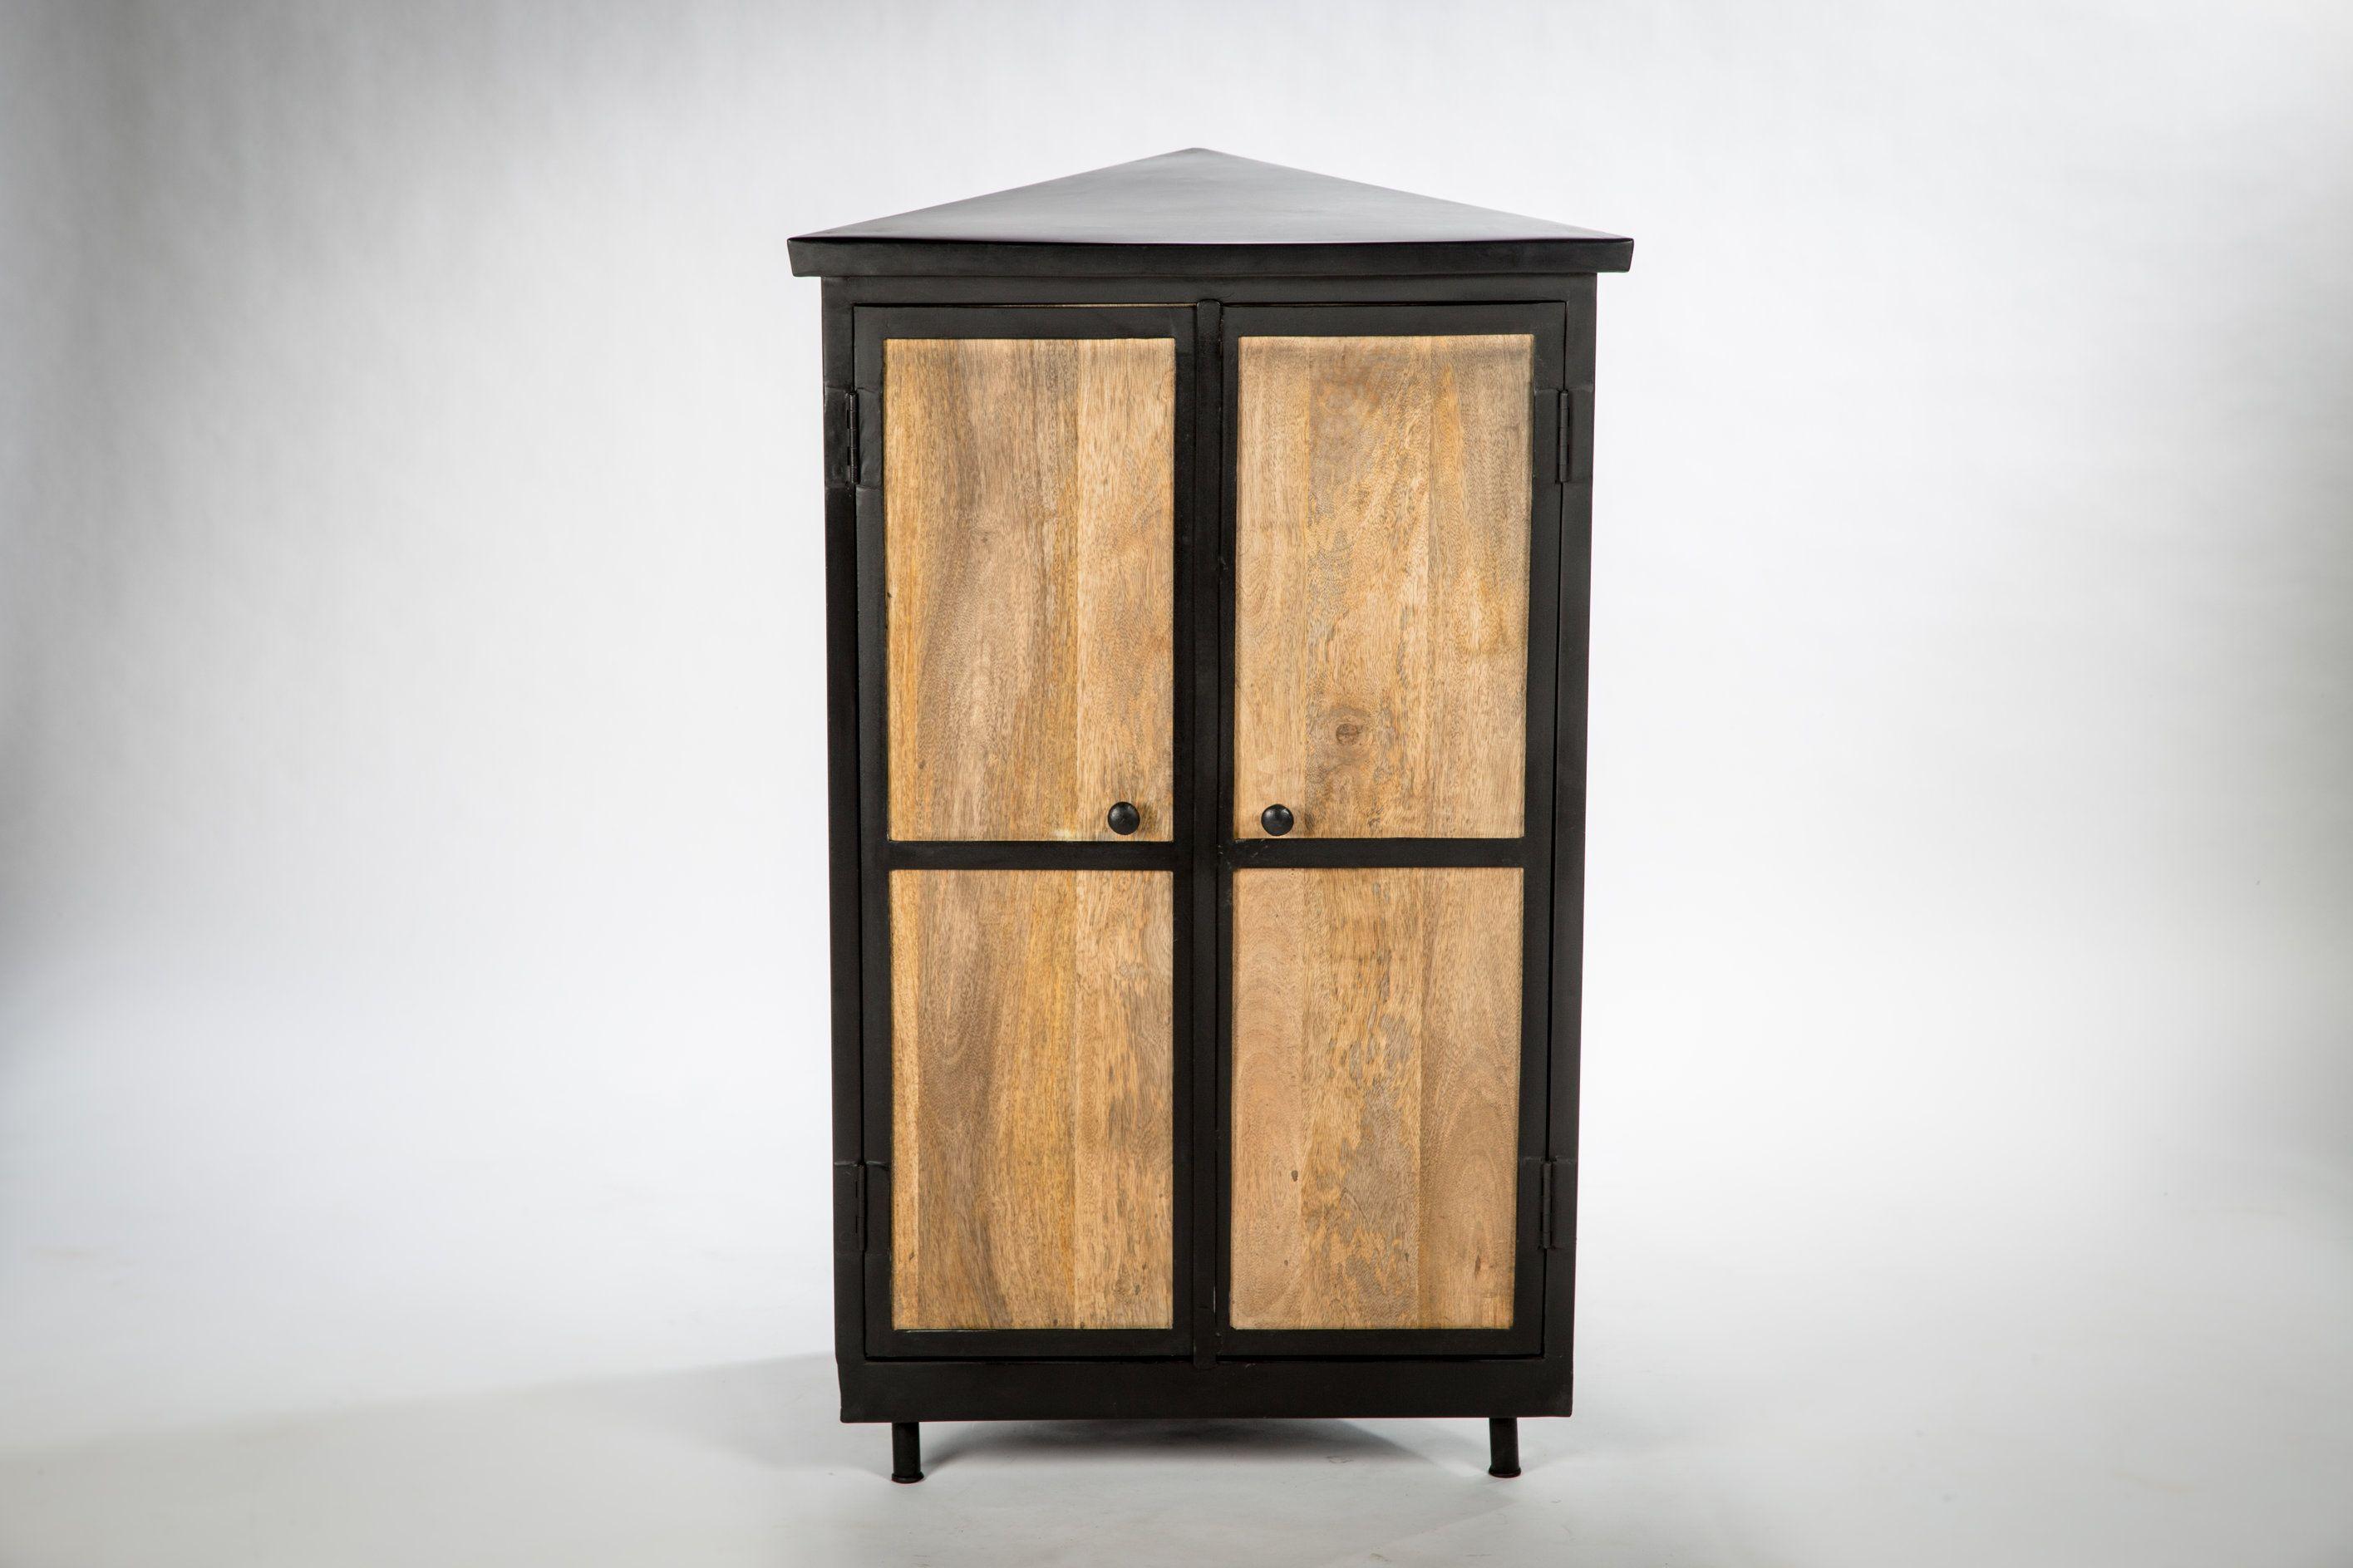 meuble d 39 angle design bois et m tal tr s fonctionnel et donc utile dans un endroit souvent peu. Black Bedroom Furniture Sets. Home Design Ideas